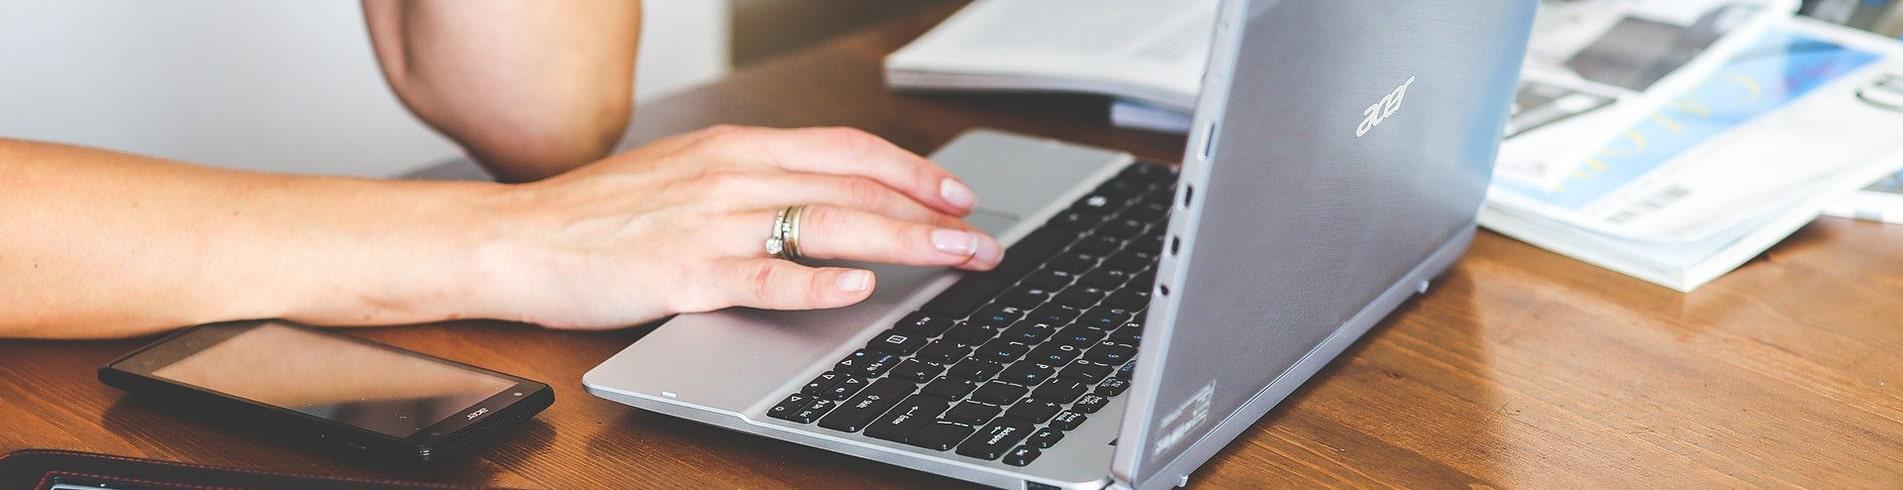 jeune fille travaillant sur un ordinateur portable